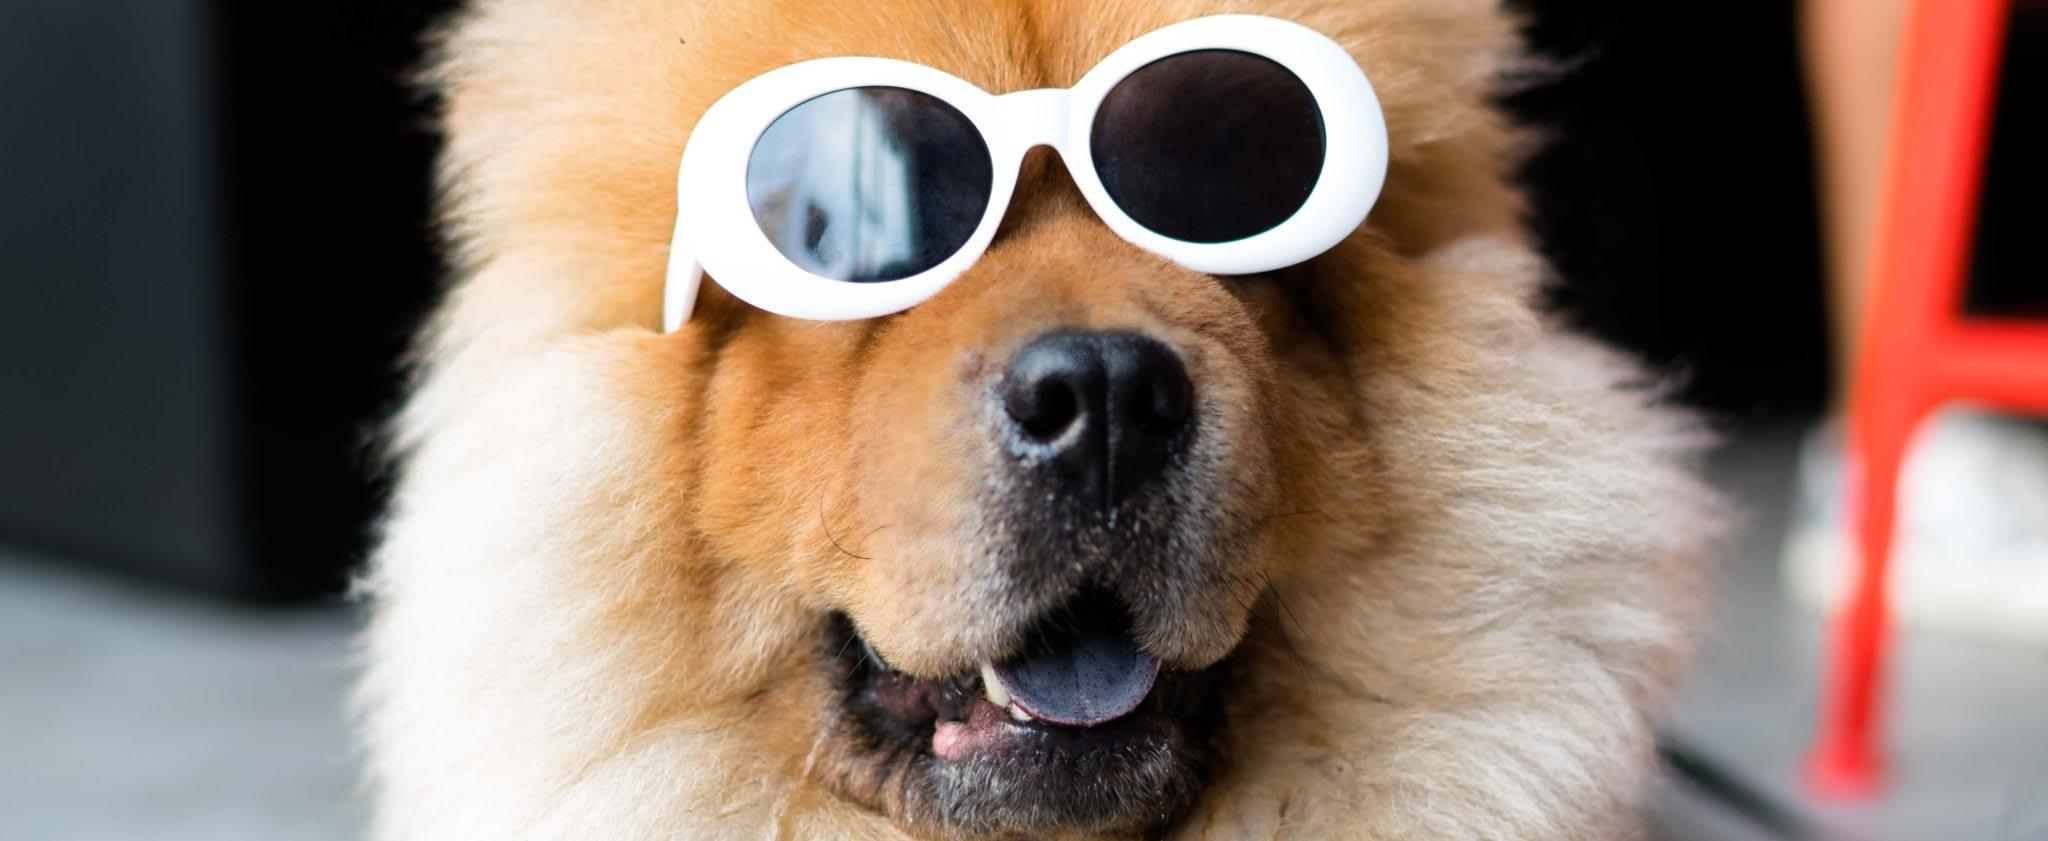 embark dog sunglasses